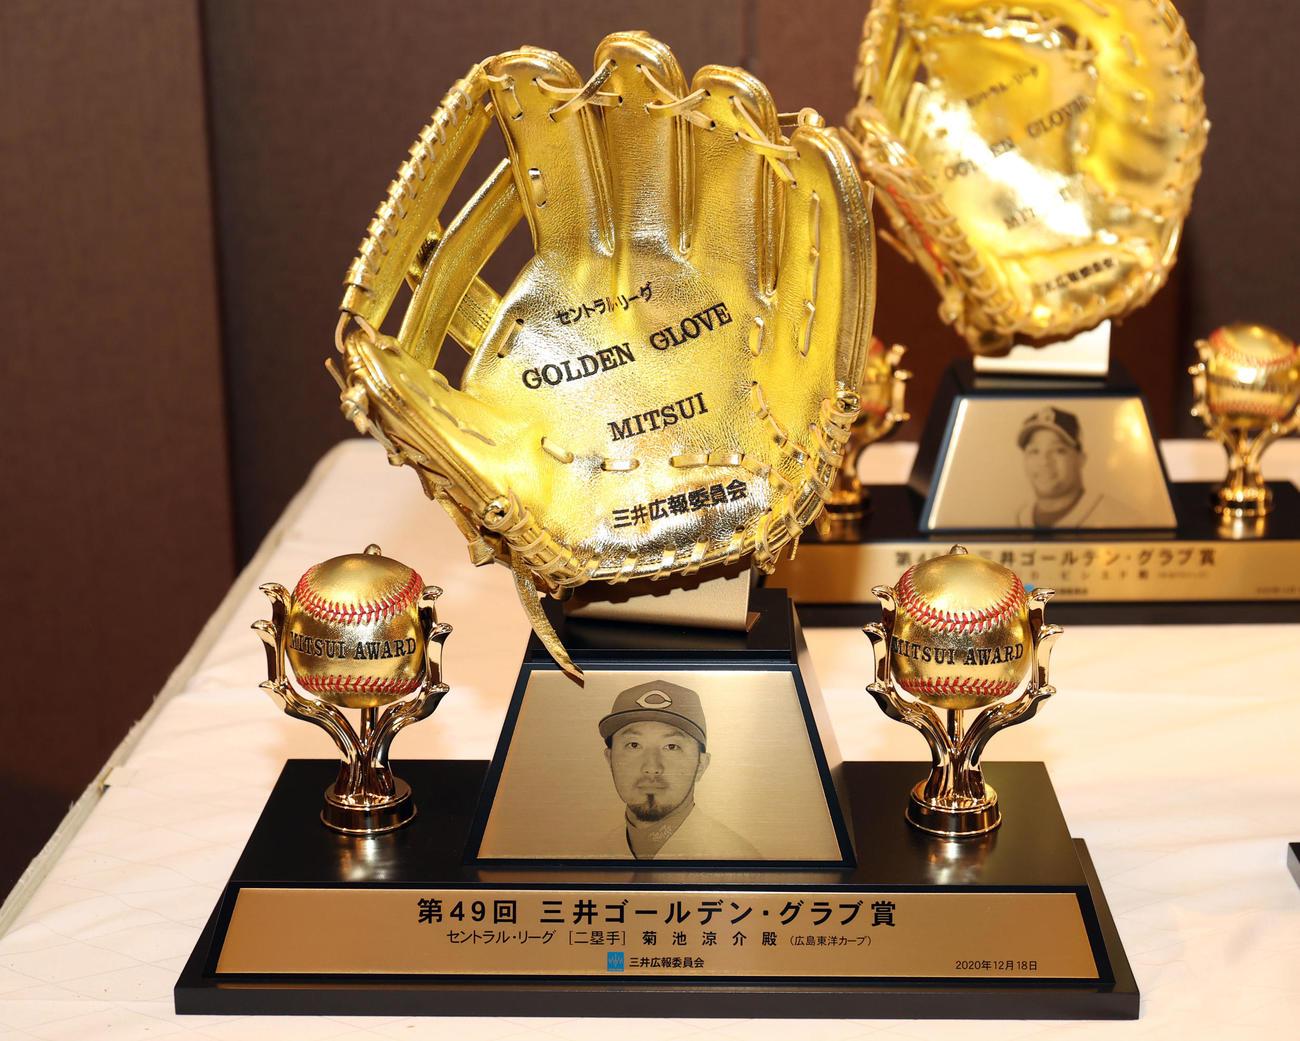 第49回「三井ゴールデン・グラブ賞」のセ・リーグ二塁手で受賞した菊池涼介のグラブ型トロフィー=2020年12月18日